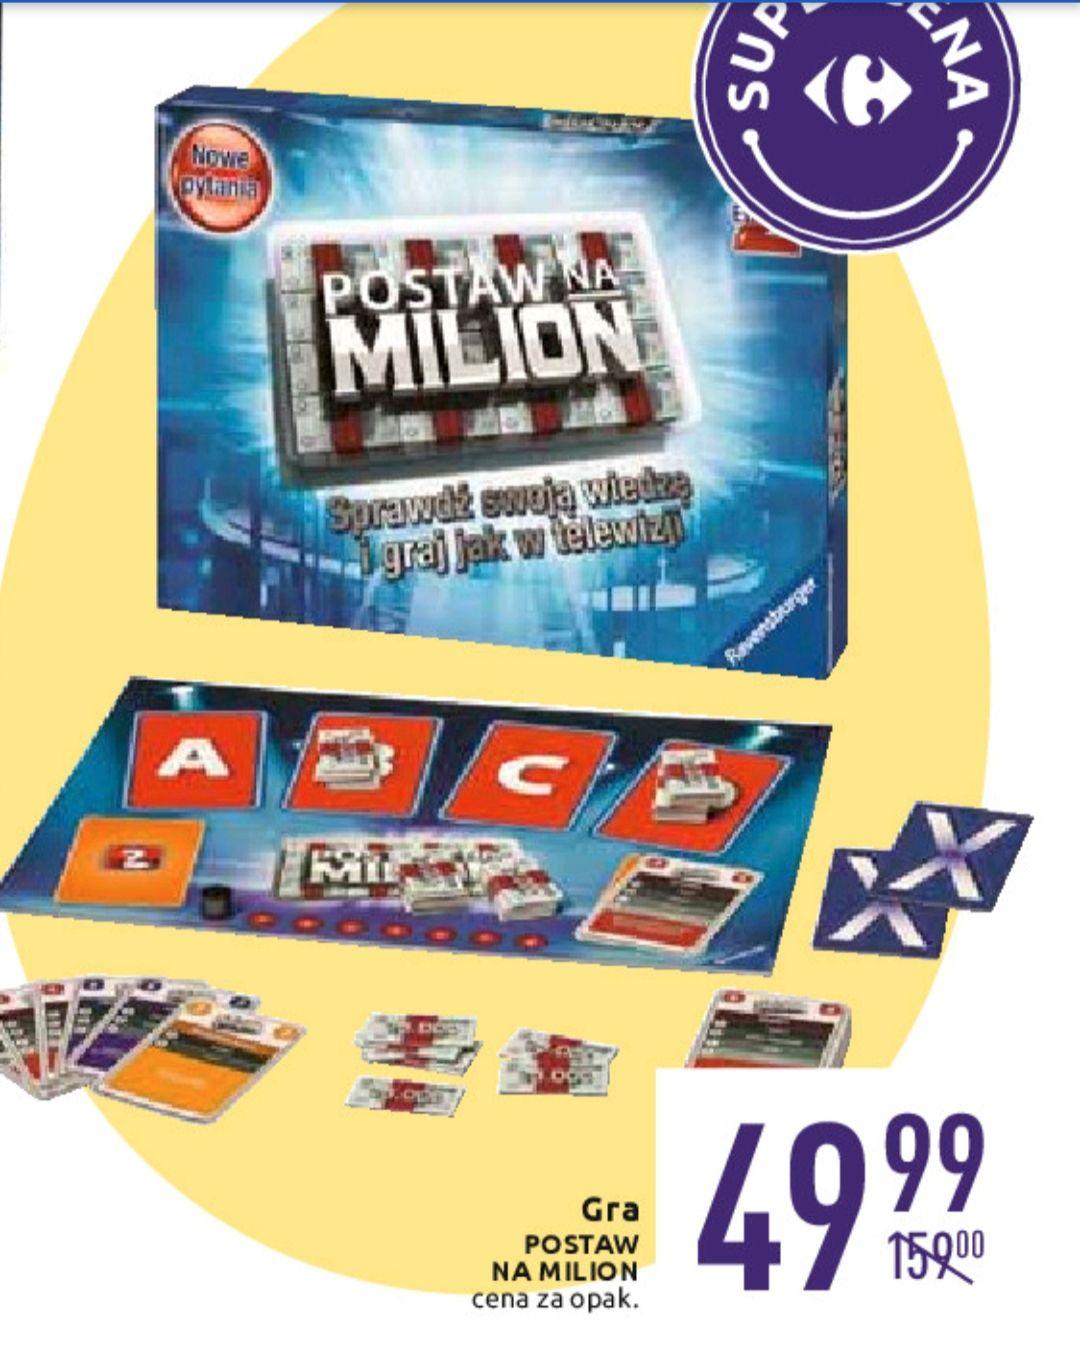 Gra Postaw na milion. Edycja II @Carrefour